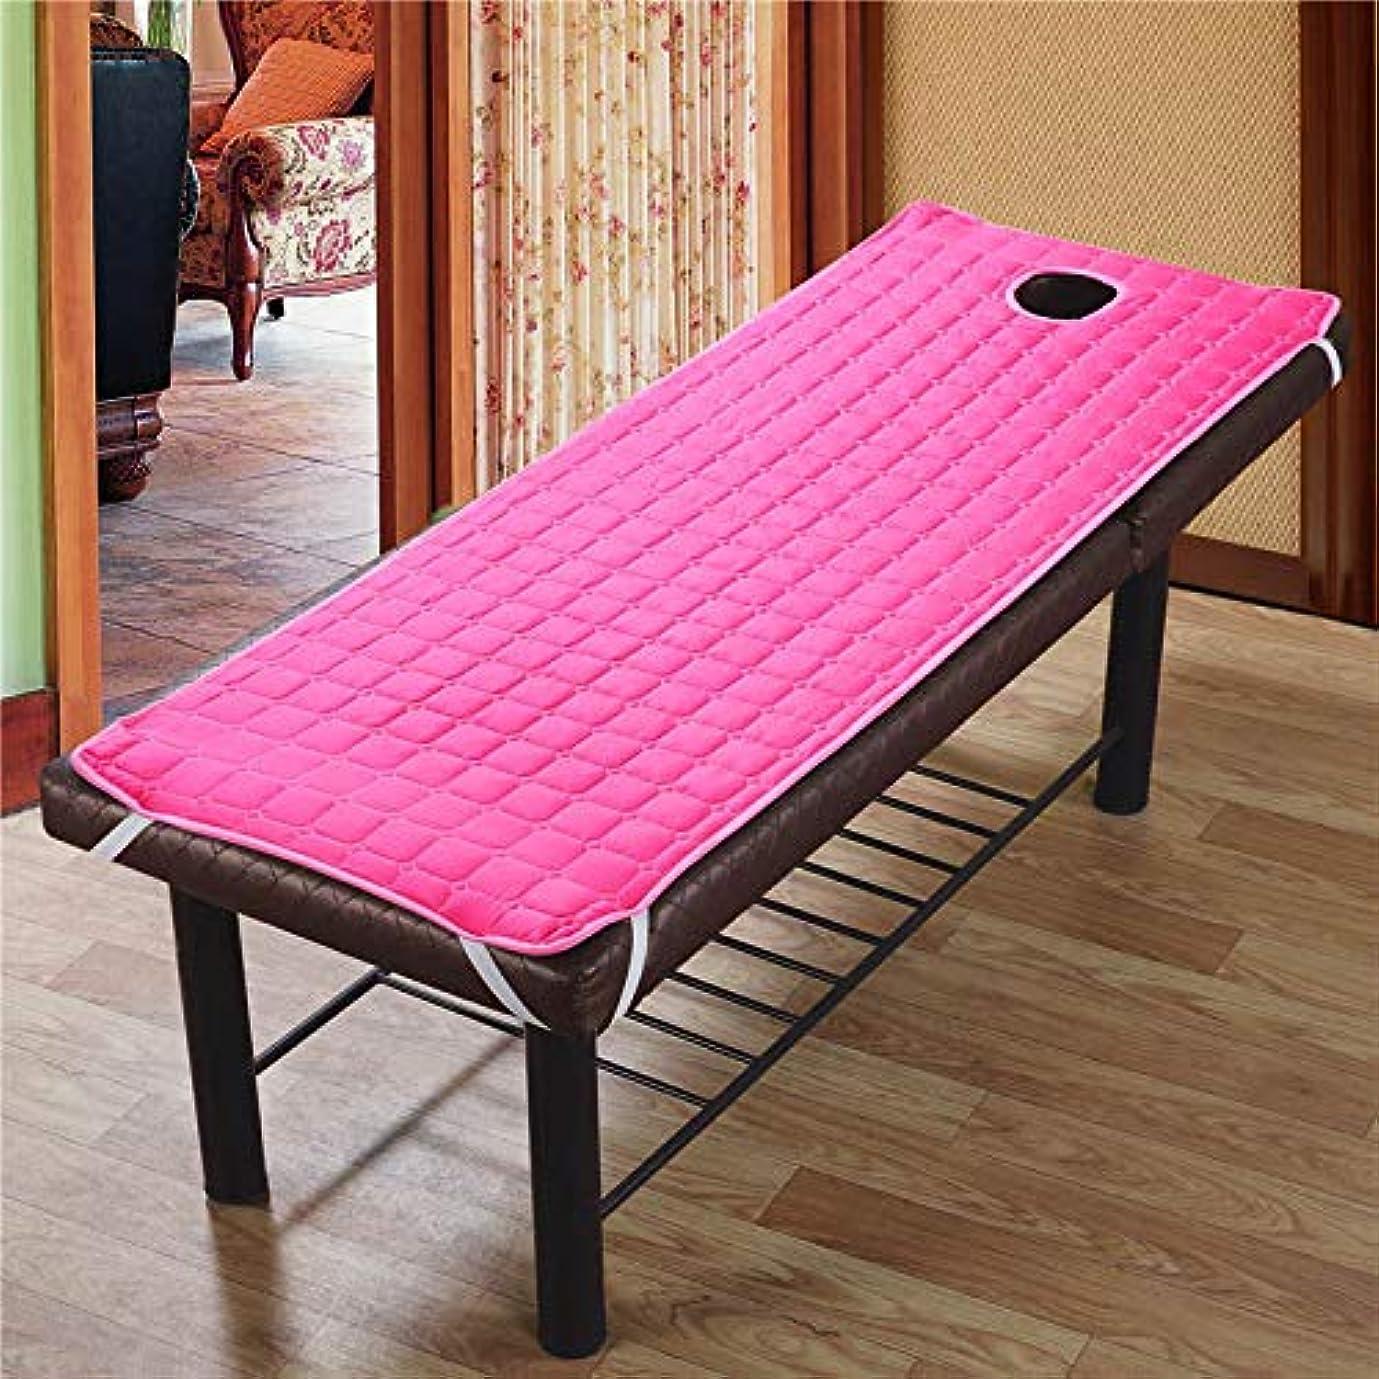 従順無心小説家Aylincool 美容院のマッサージ療法のベッドのための滑り止めのSoliod色の長方形のマットレス